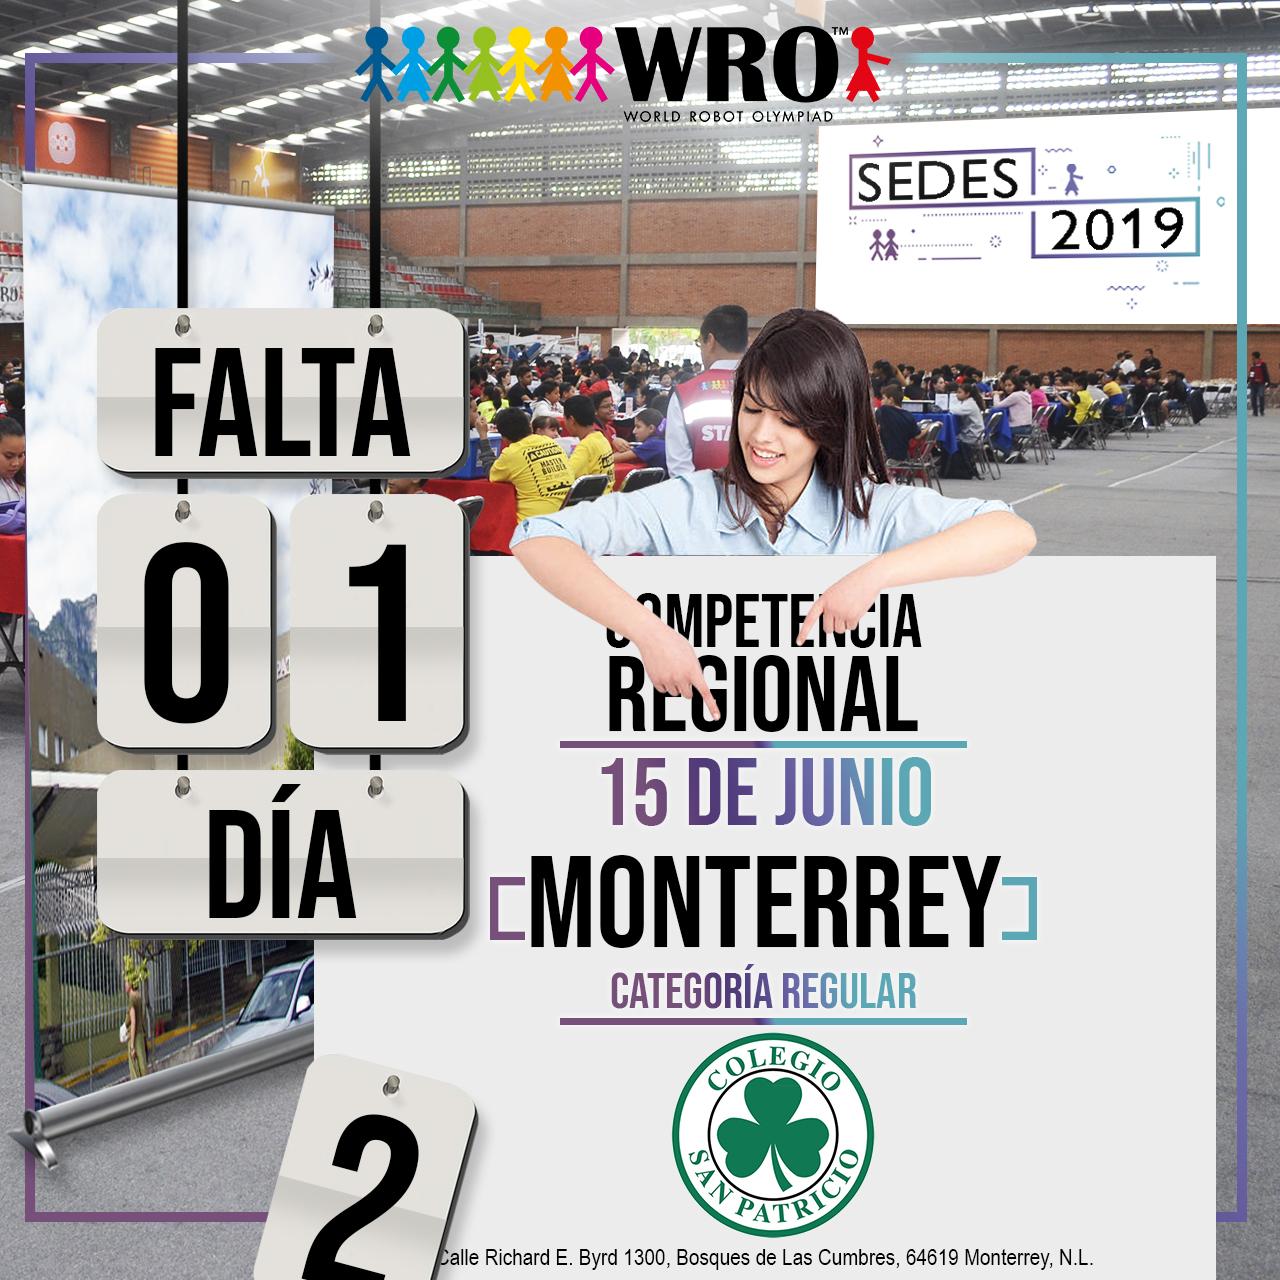 WRO México | Falta 1 día Sede Monterrey